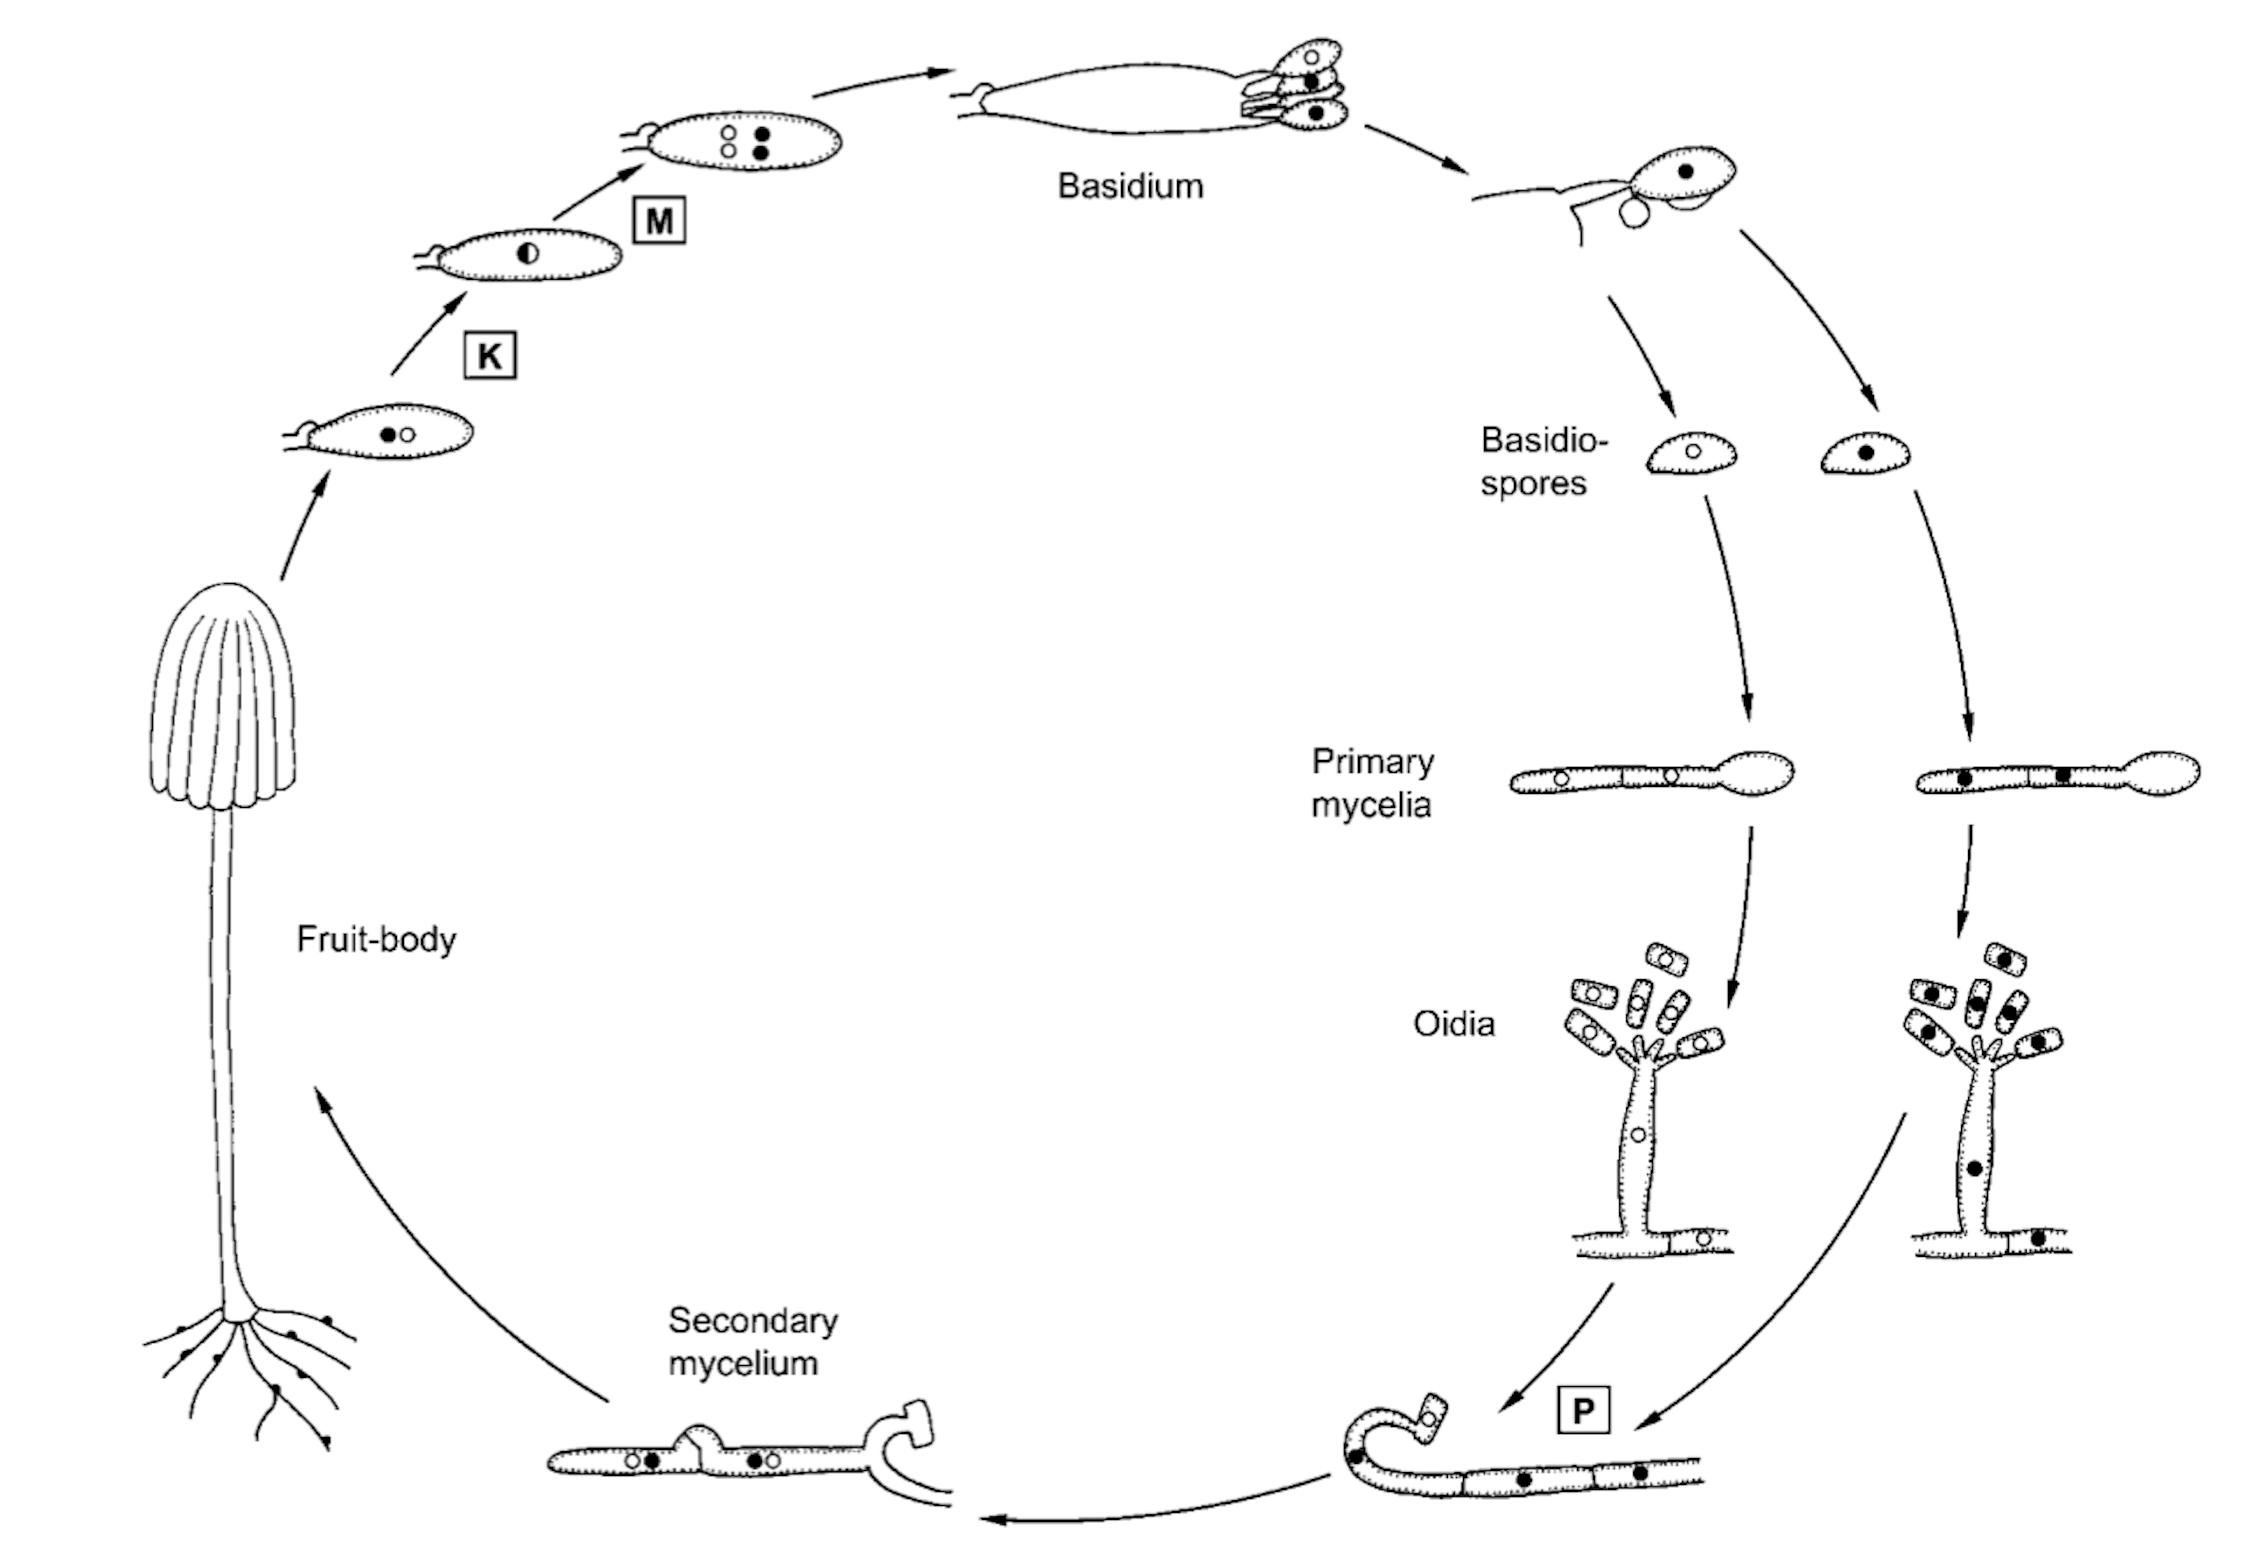 Basic life cycle within the Basidiomycota.